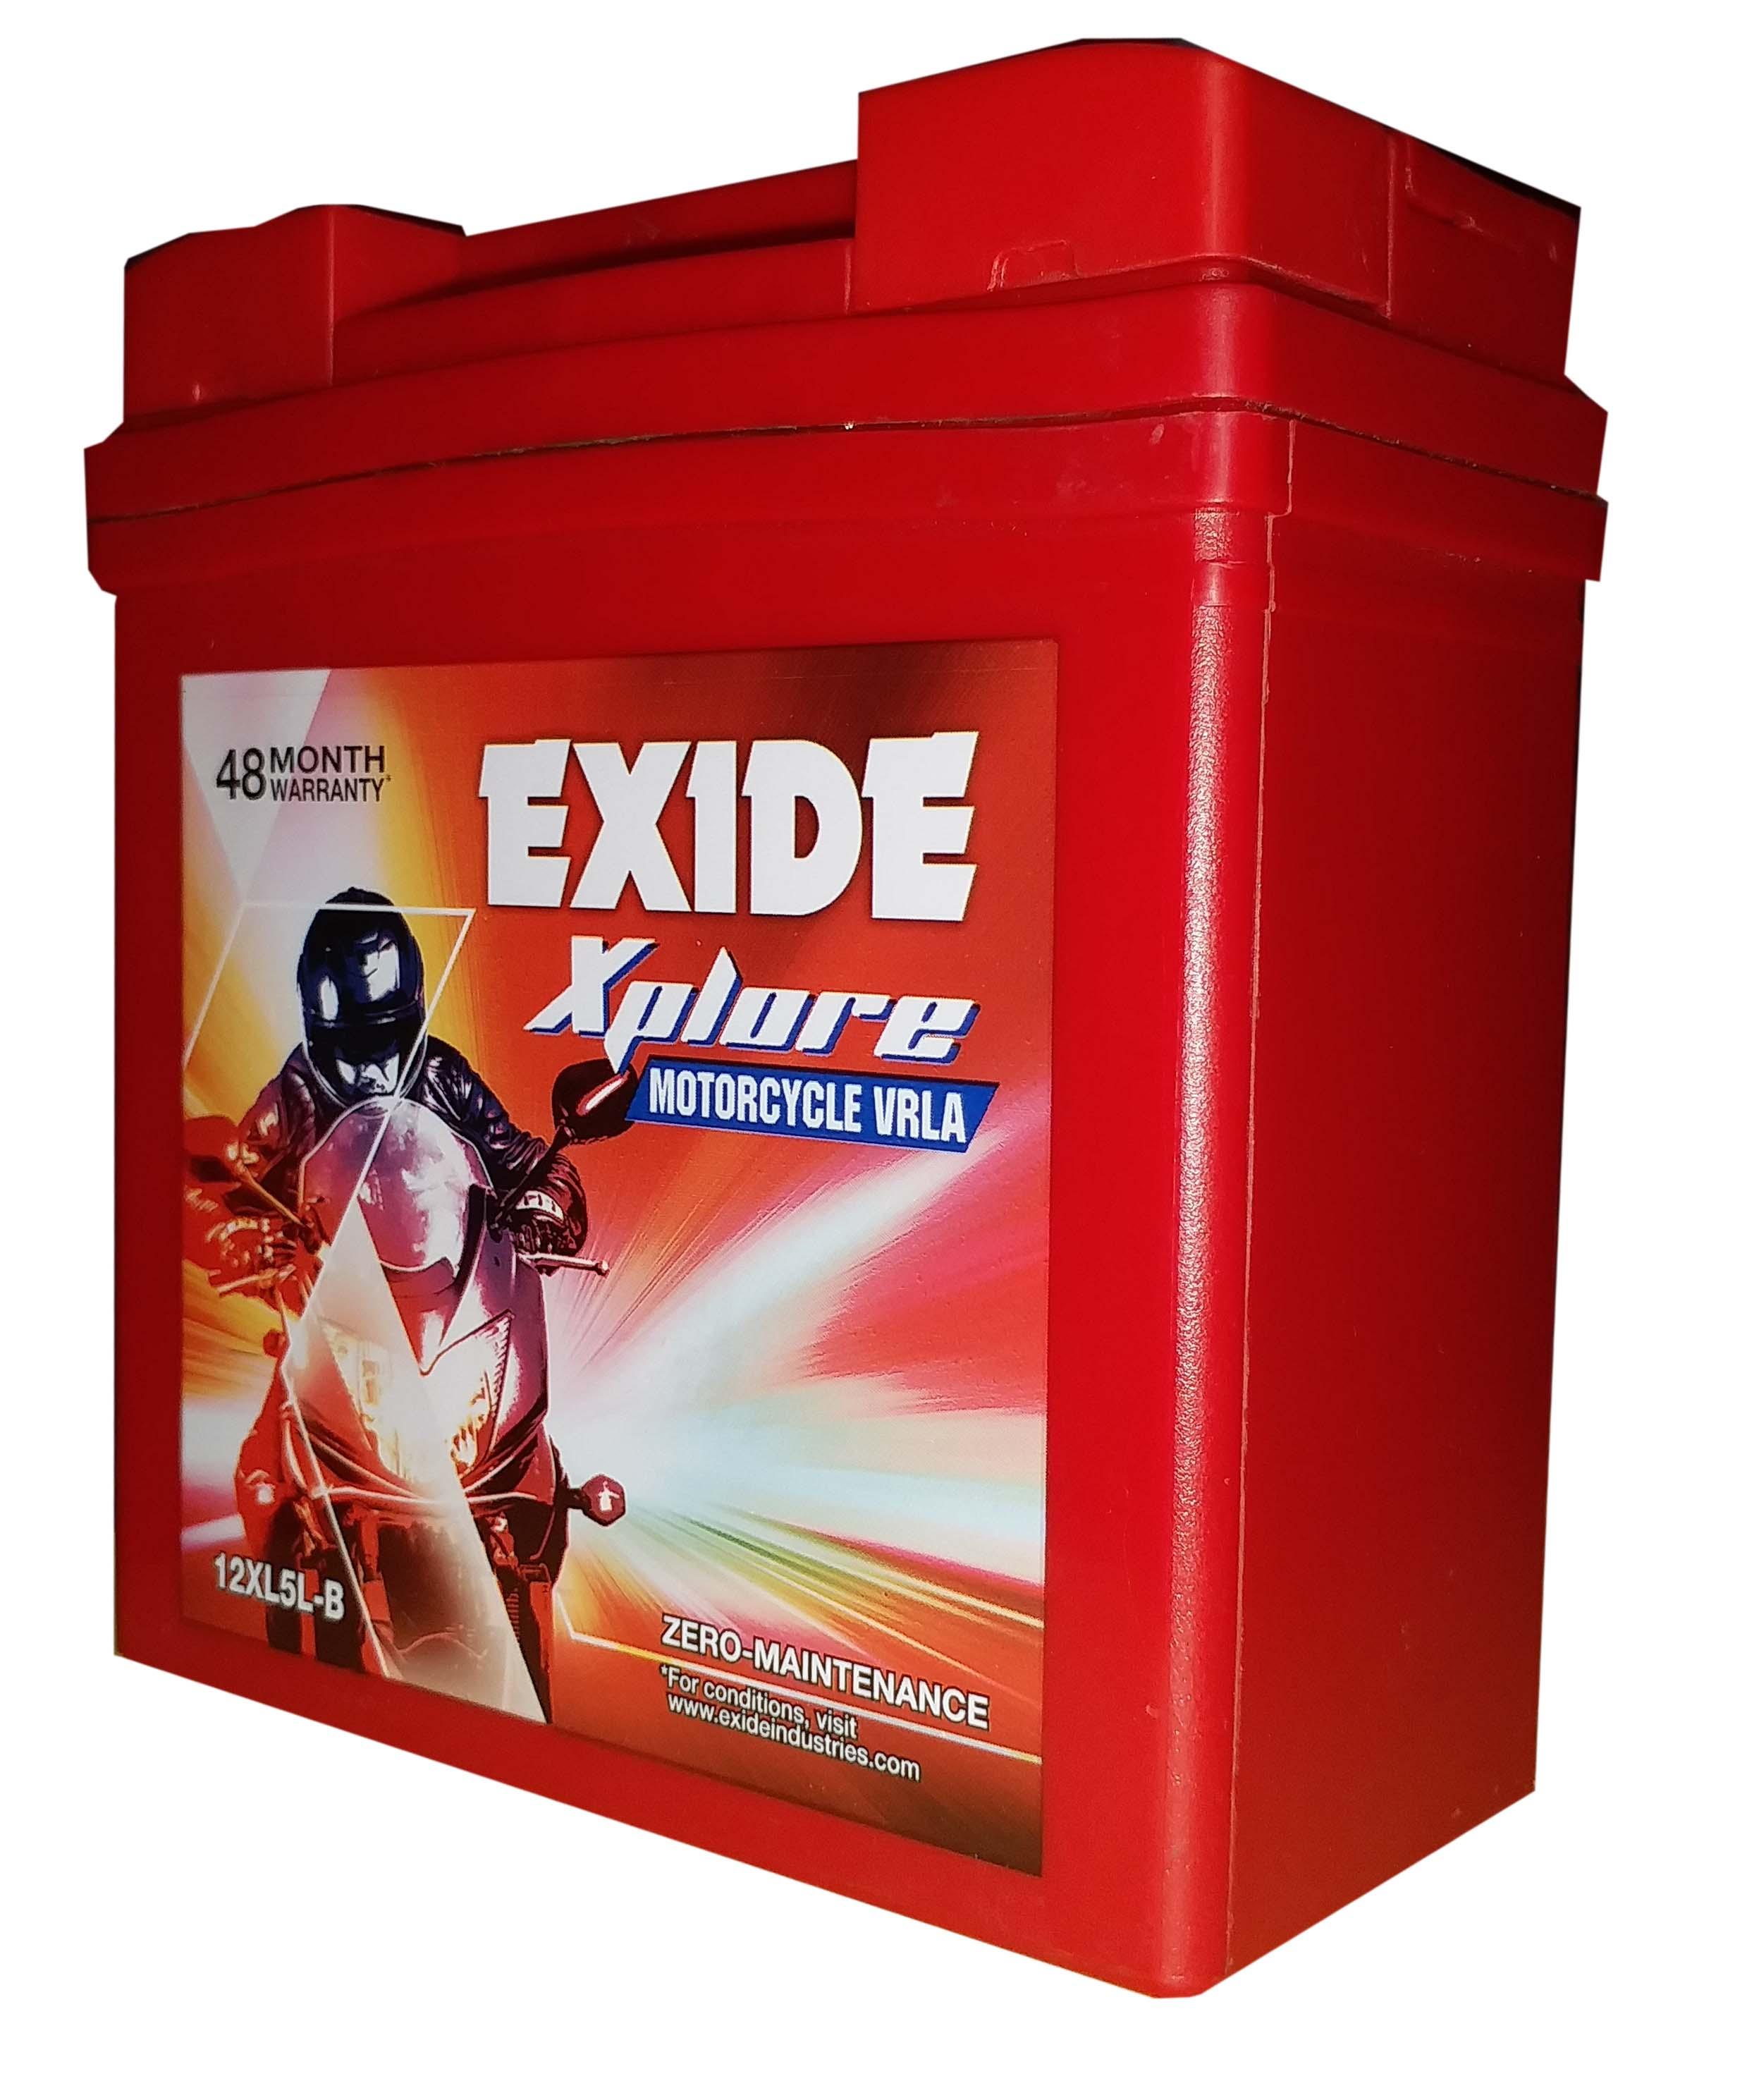 BUY Exide xplore sealed battery for activa old model BATTERY 12xl5lb